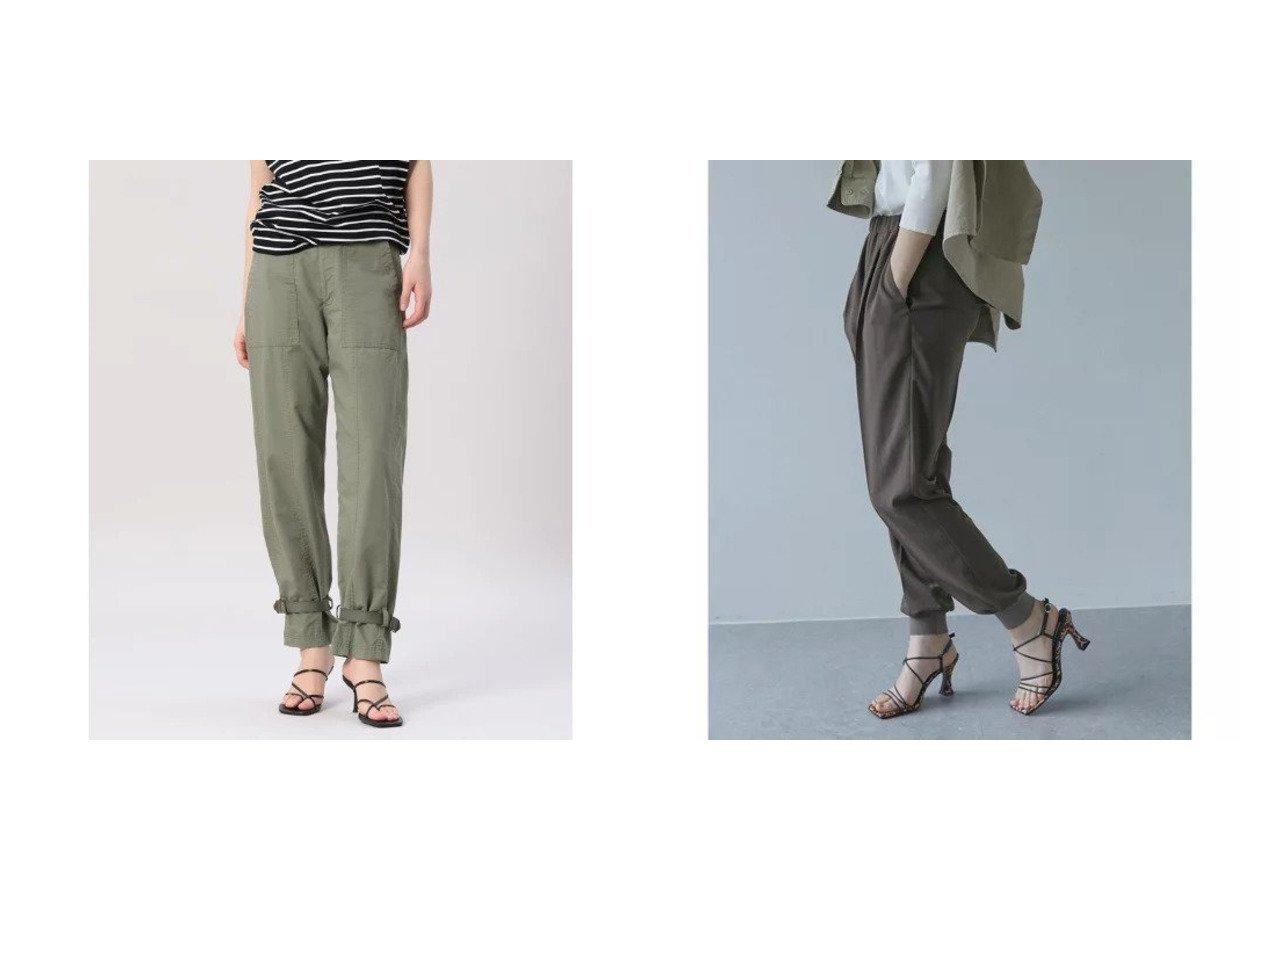 【INED/イネド】の《Maison de Beige》ミリタリーパンツ&【GALLARDAGALANTE/ガリャルダガランテ】のジャージージョガーパンツ 【パンツ】おすすめ!人気、トレンド・レディースファッションの通販 おすすめで人気の流行・トレンド、ファッションの通販商品 インテリア・家具・メンズファッション・キッズファッション・レディースファッション・服の通販 founy(ファニー) https://founy.com/ ファッション Fashion レディースファッション WOMEN パンツ Pants おすすめ Recommend トレンド ポケット ミリタリー アンクル インナー 春 Spring 秋 Autumn/Fall カットソー 今季 シンプル ジャケット ジャージー スウェット ストレッチ セットアップ 定番 Standard 人気 バランス リラックス ロング  ID:crp329100000043939